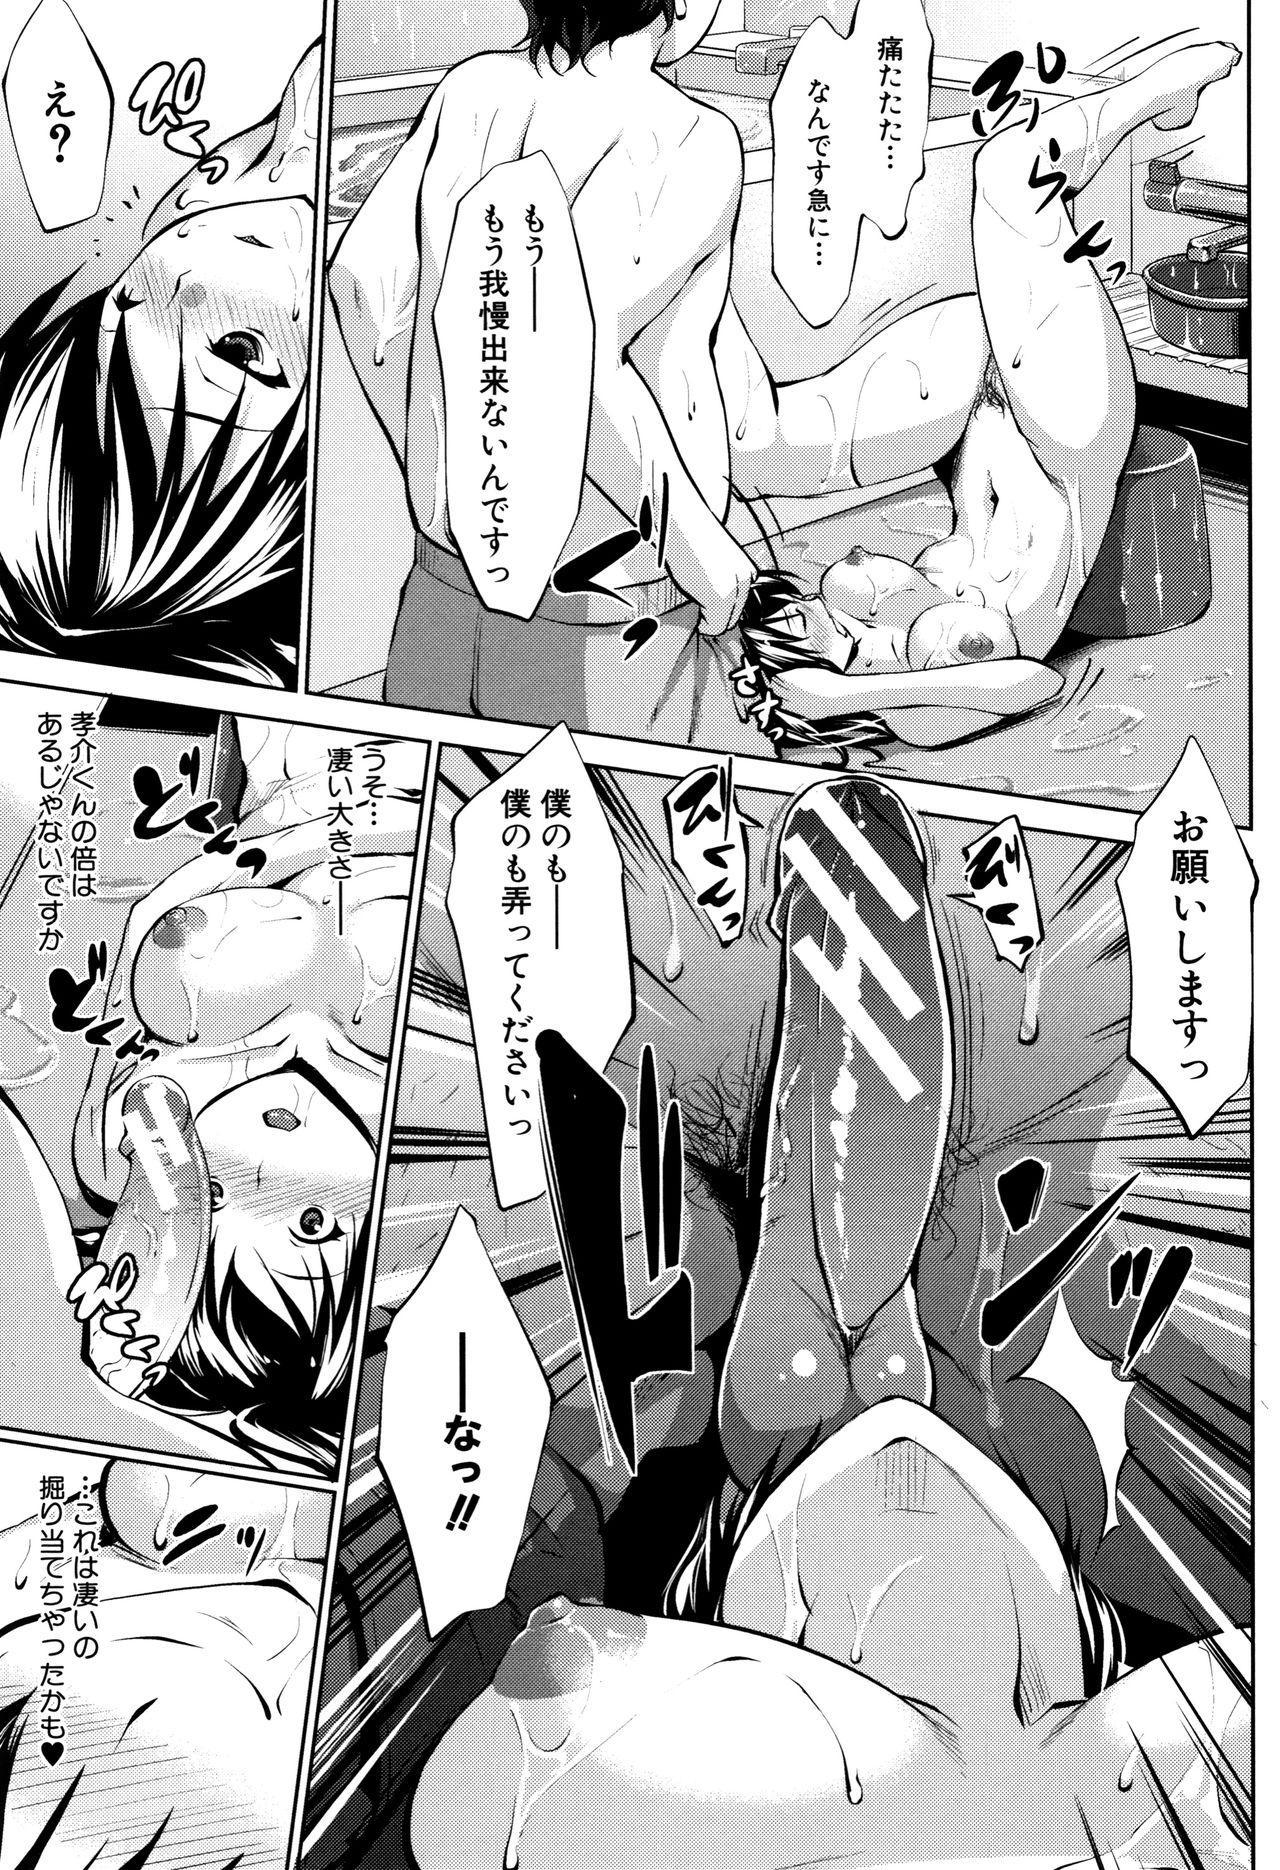 Hentai Seiso M Kanojo 41